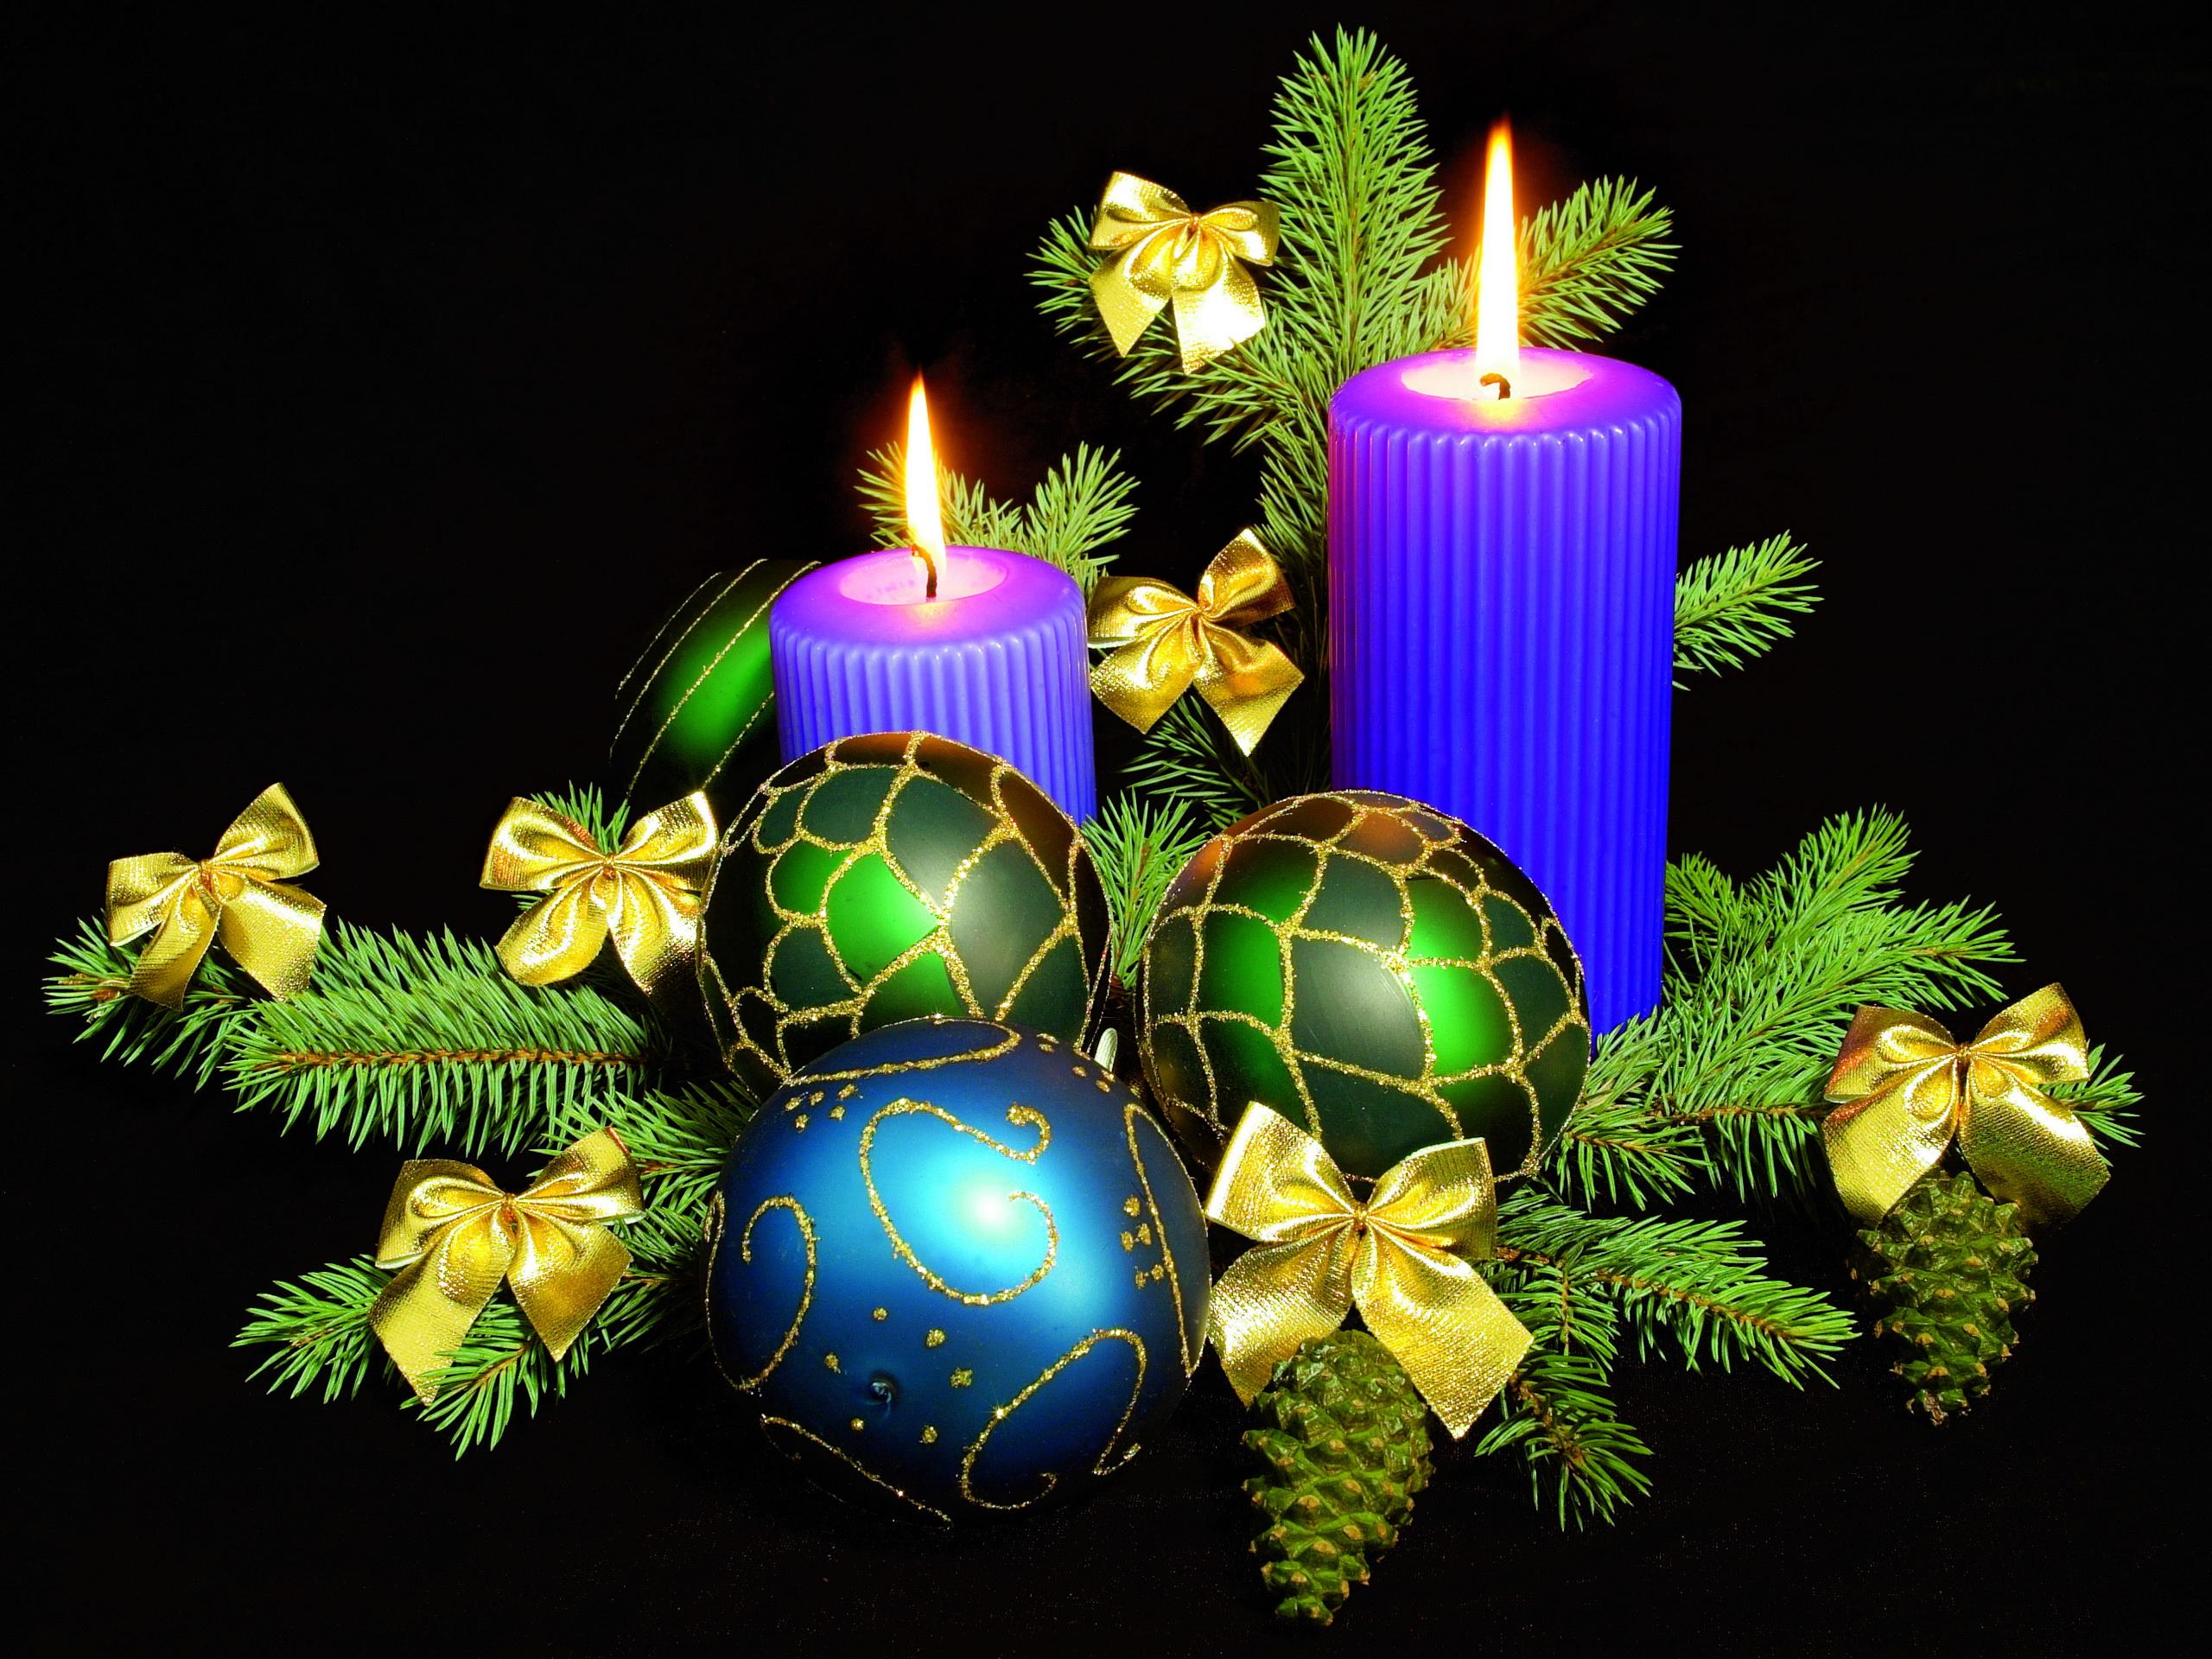 Свечи новый год  № 1395285 бесплатно